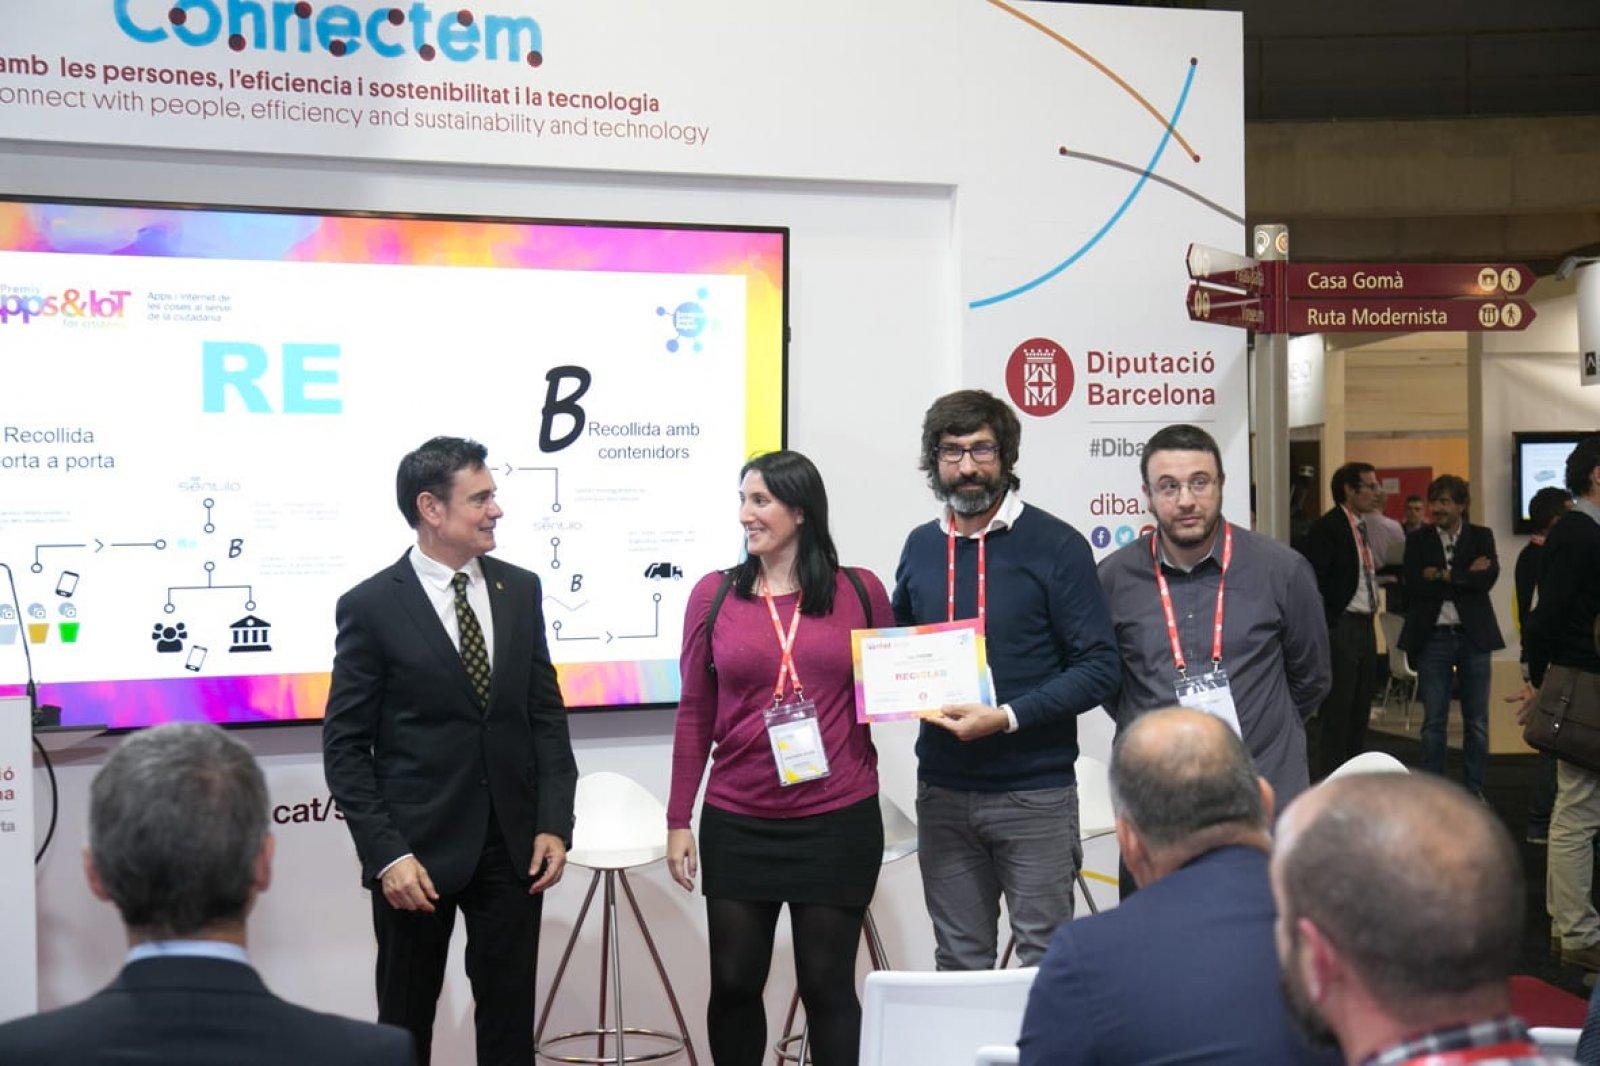 Els premis s'han lliurat en el marc de l'Smart City Expo celebrada a Fira de Barcelona